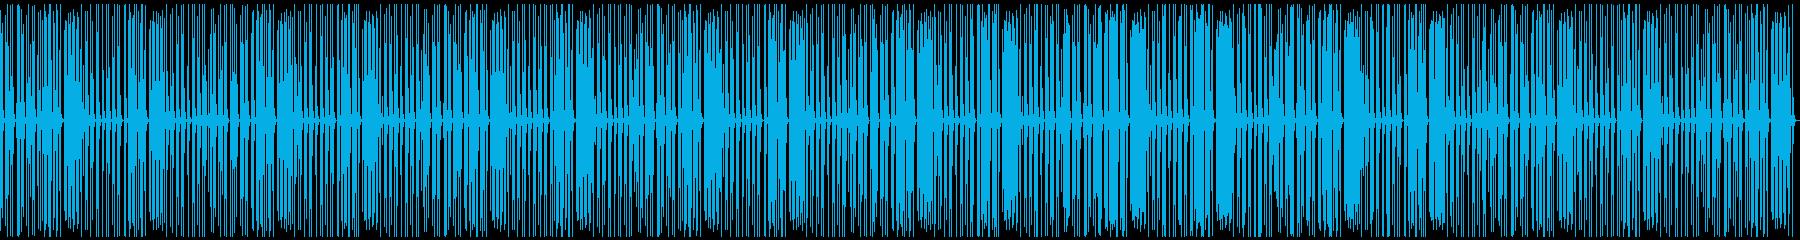 マリンバ、素朴、小動物の観察、10分の再生済みの波形